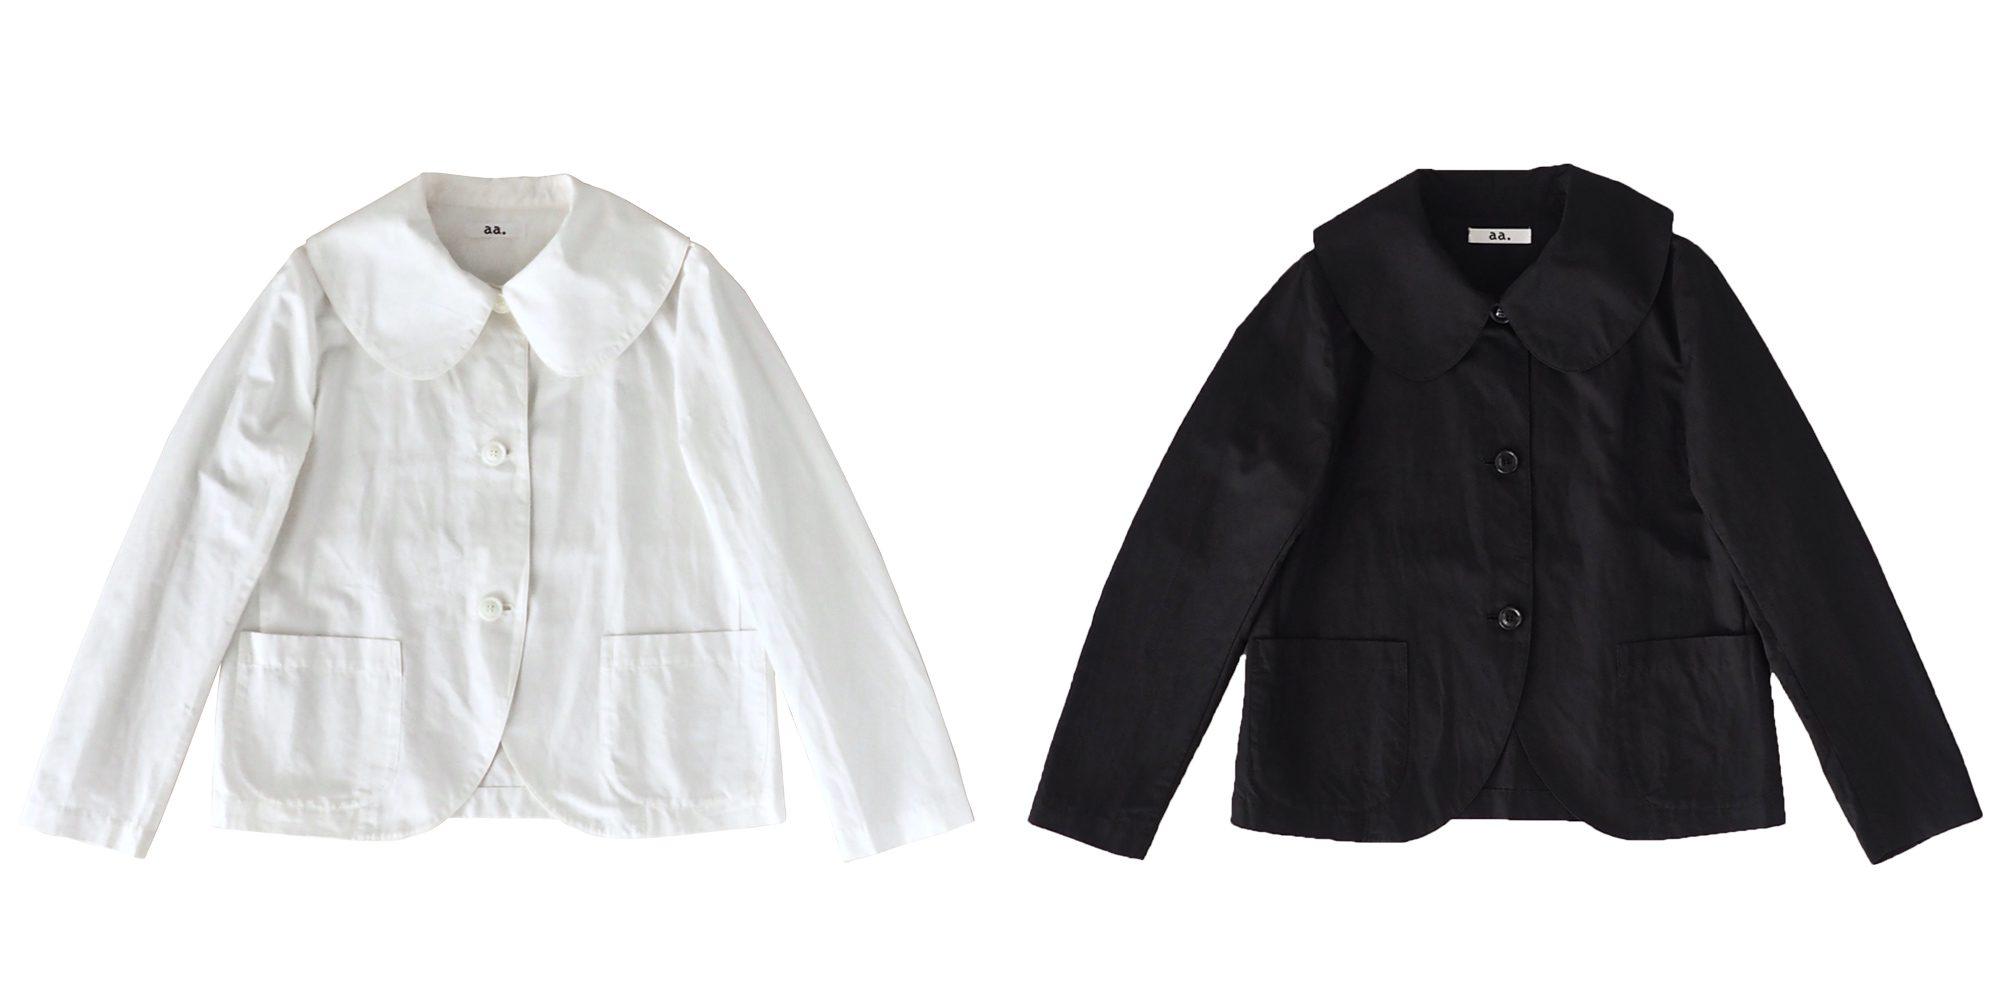 aa.綿麻の丸襟ジャケット